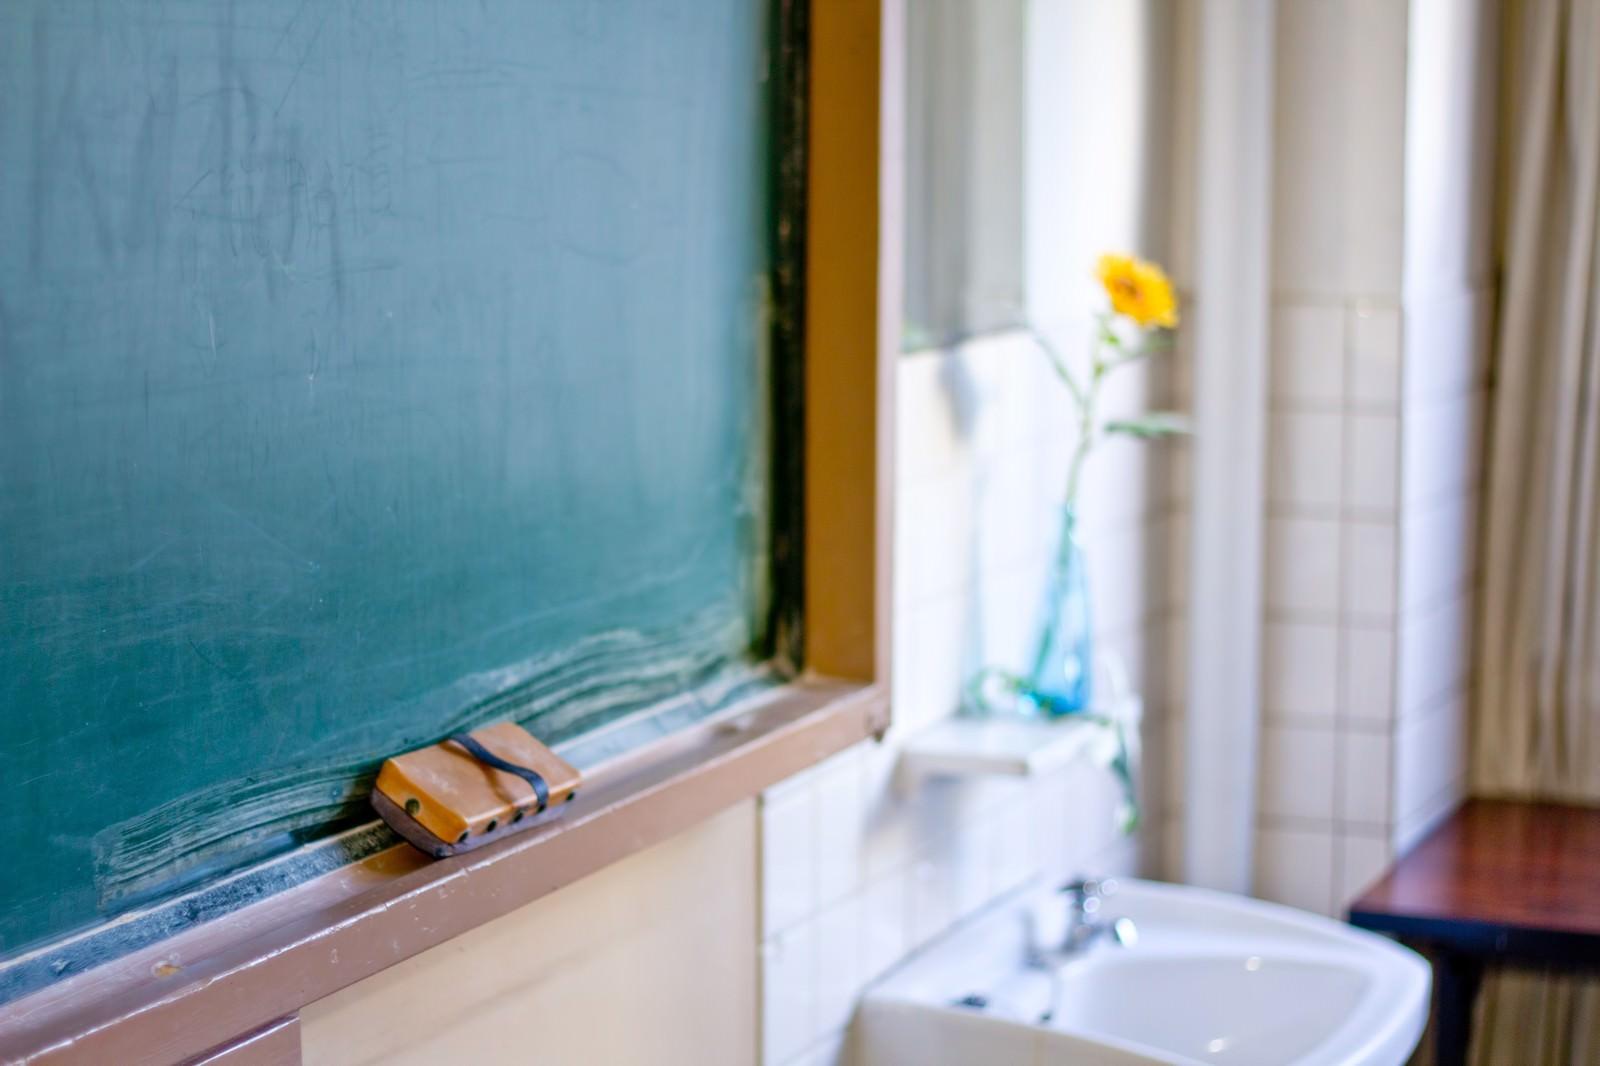 「教室の黒板と花瓶のお花」の写真